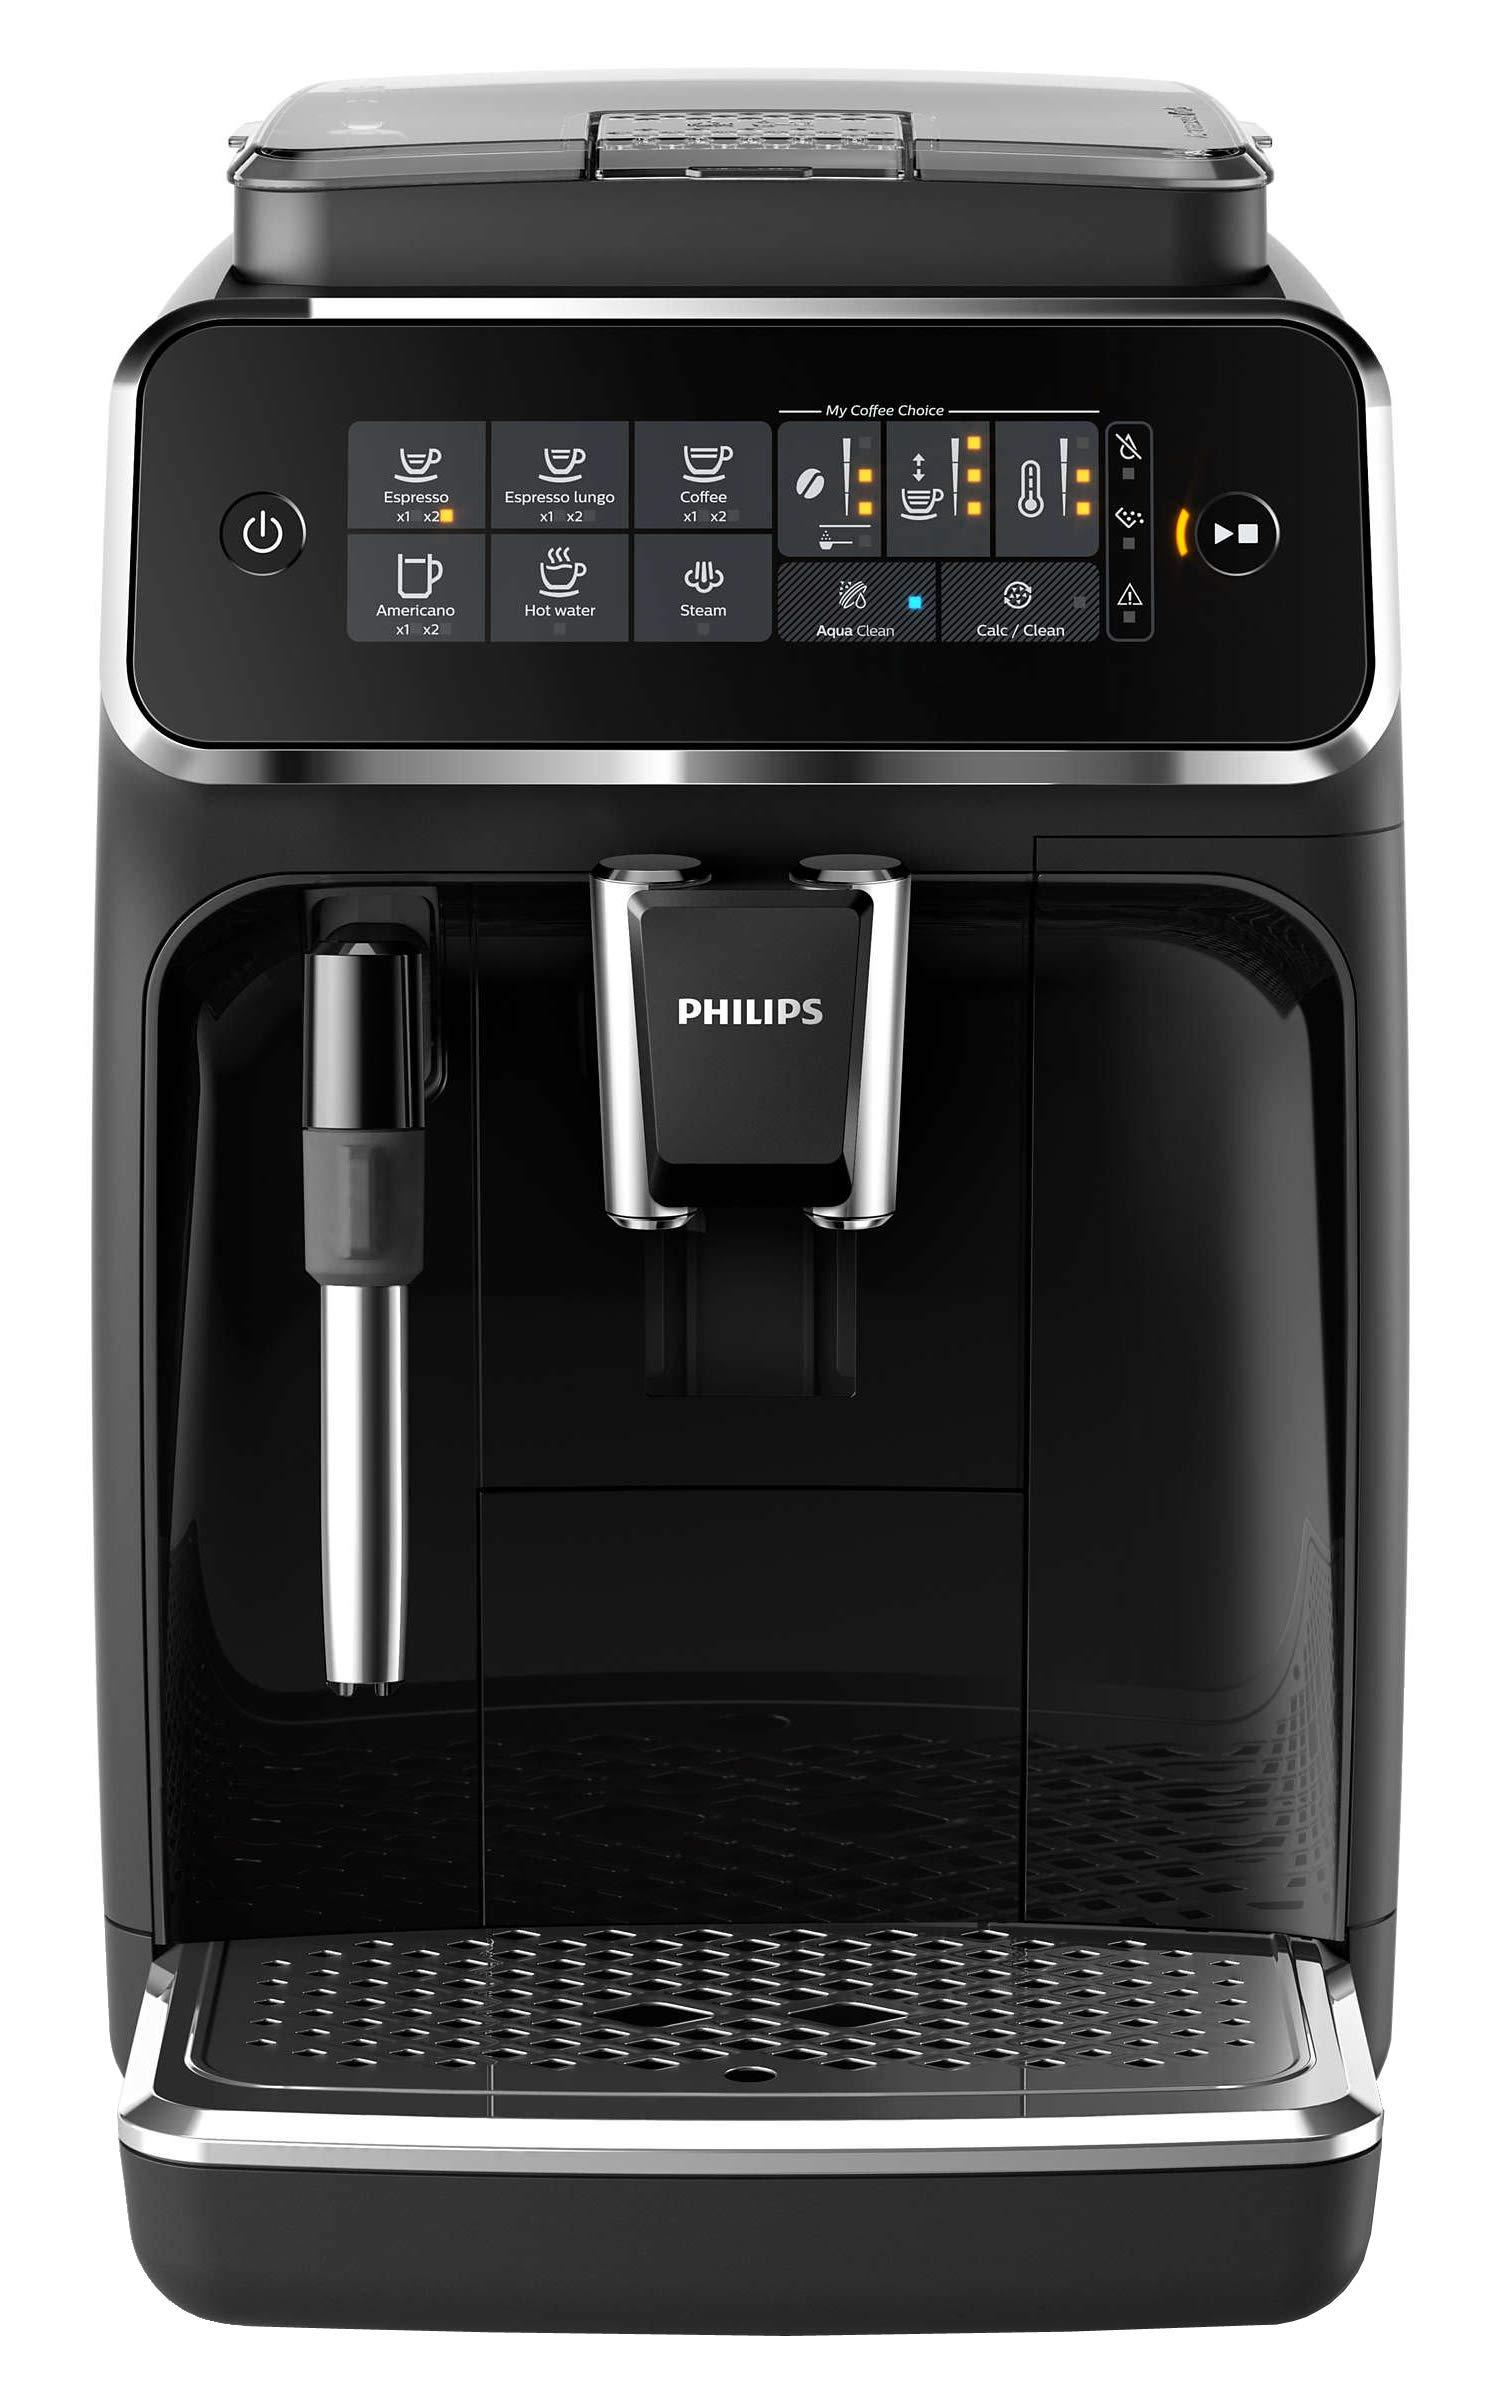 Philips EP3221/40- Cafetera Espresso Automática, 15 bares, 230V, Tecnología AquaClean, 12 Tazas, Deposito de Agua 1,8L: Amazon.es: Hogar